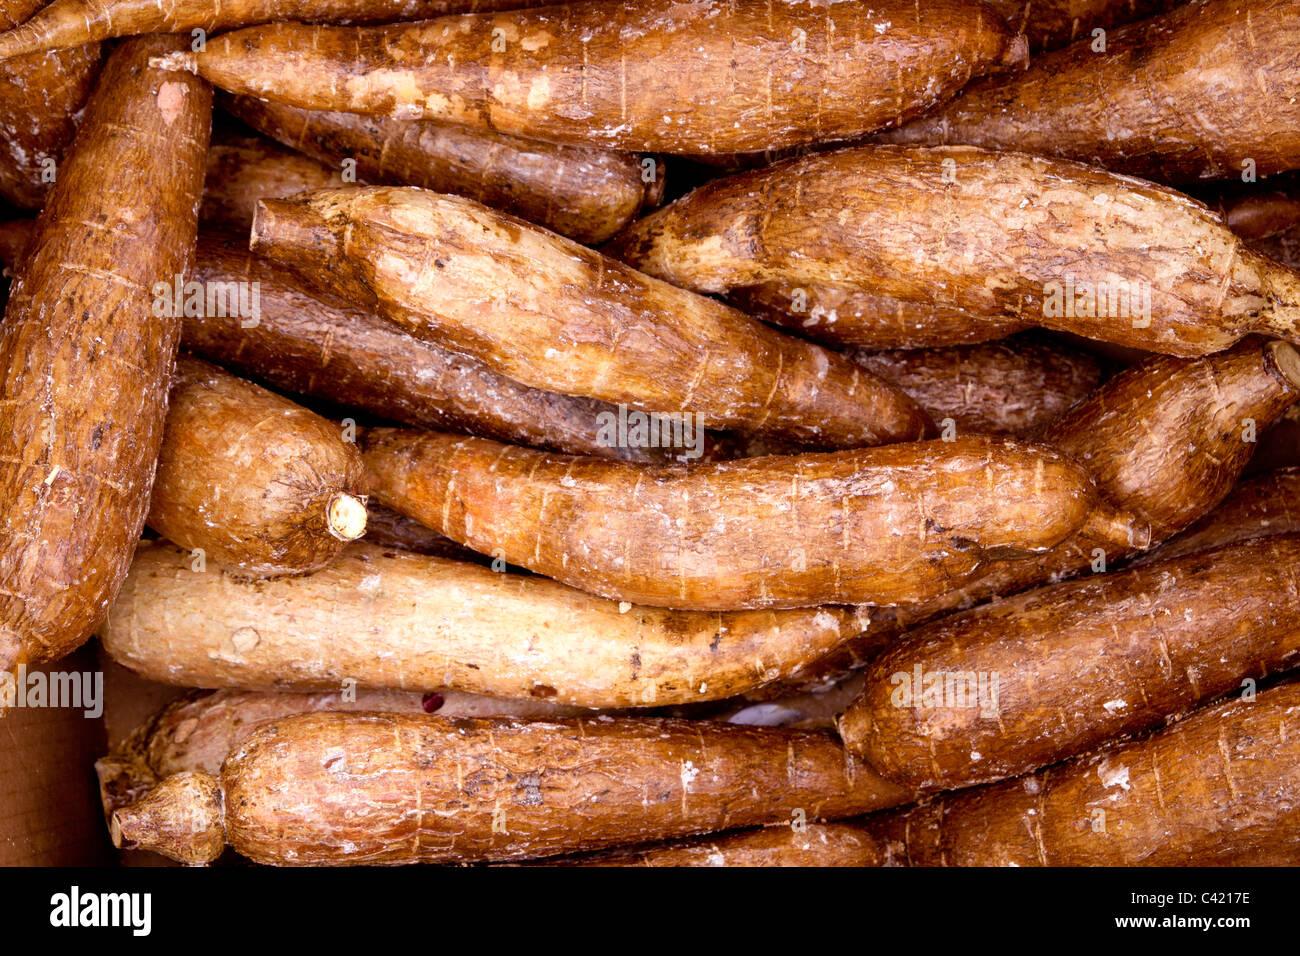 cassava yucca rhizomes vegatable food pattern market background - Stock Image